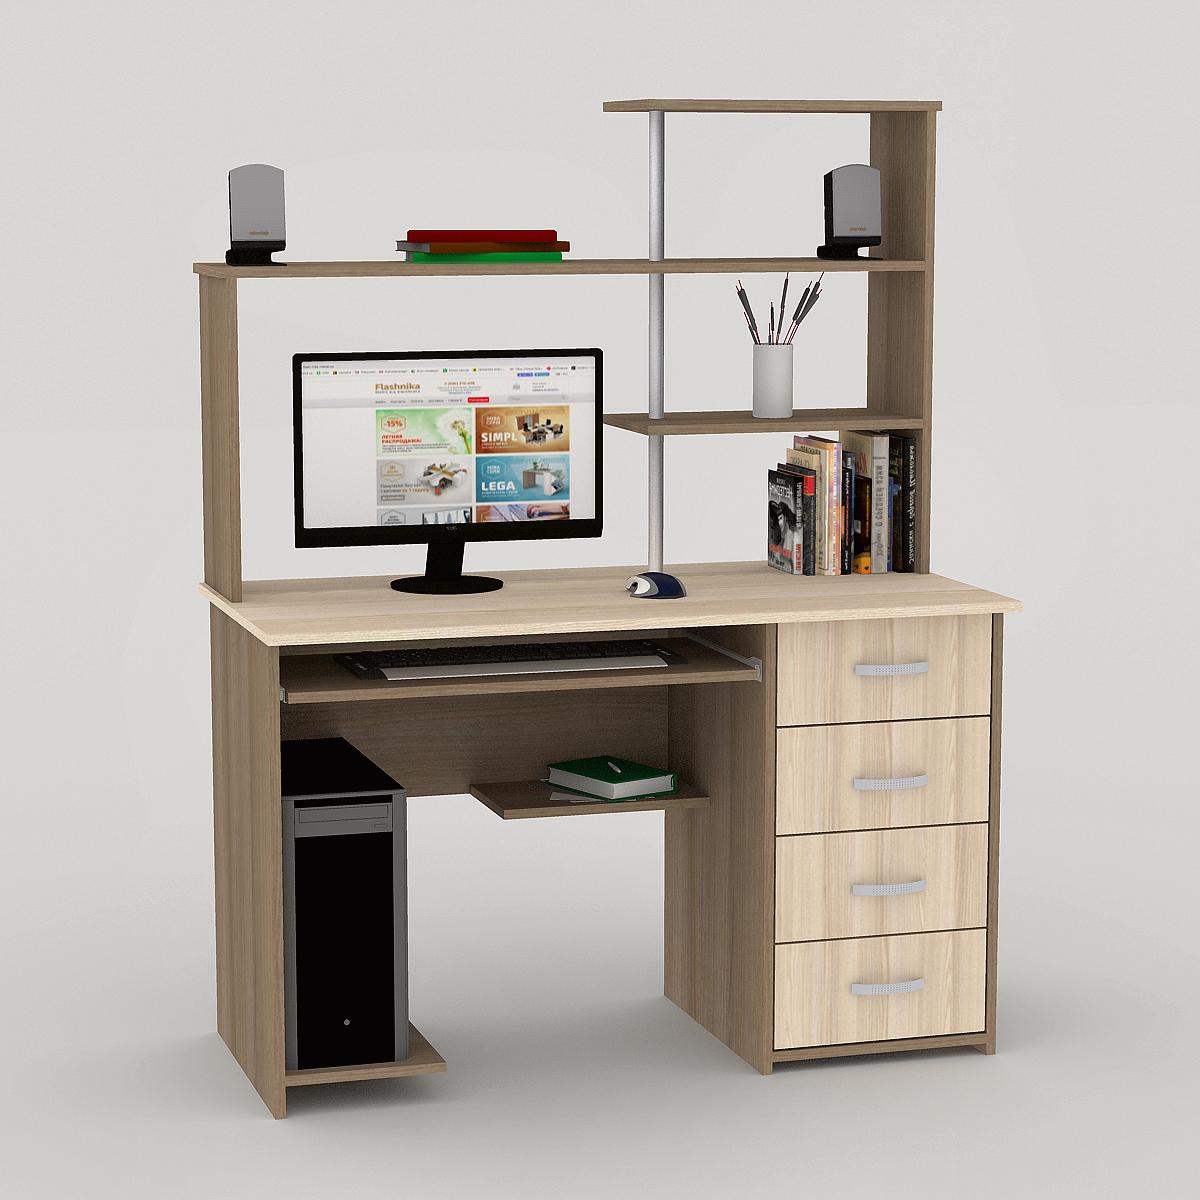 Заказать компьютерный стол в магазине Shopomag